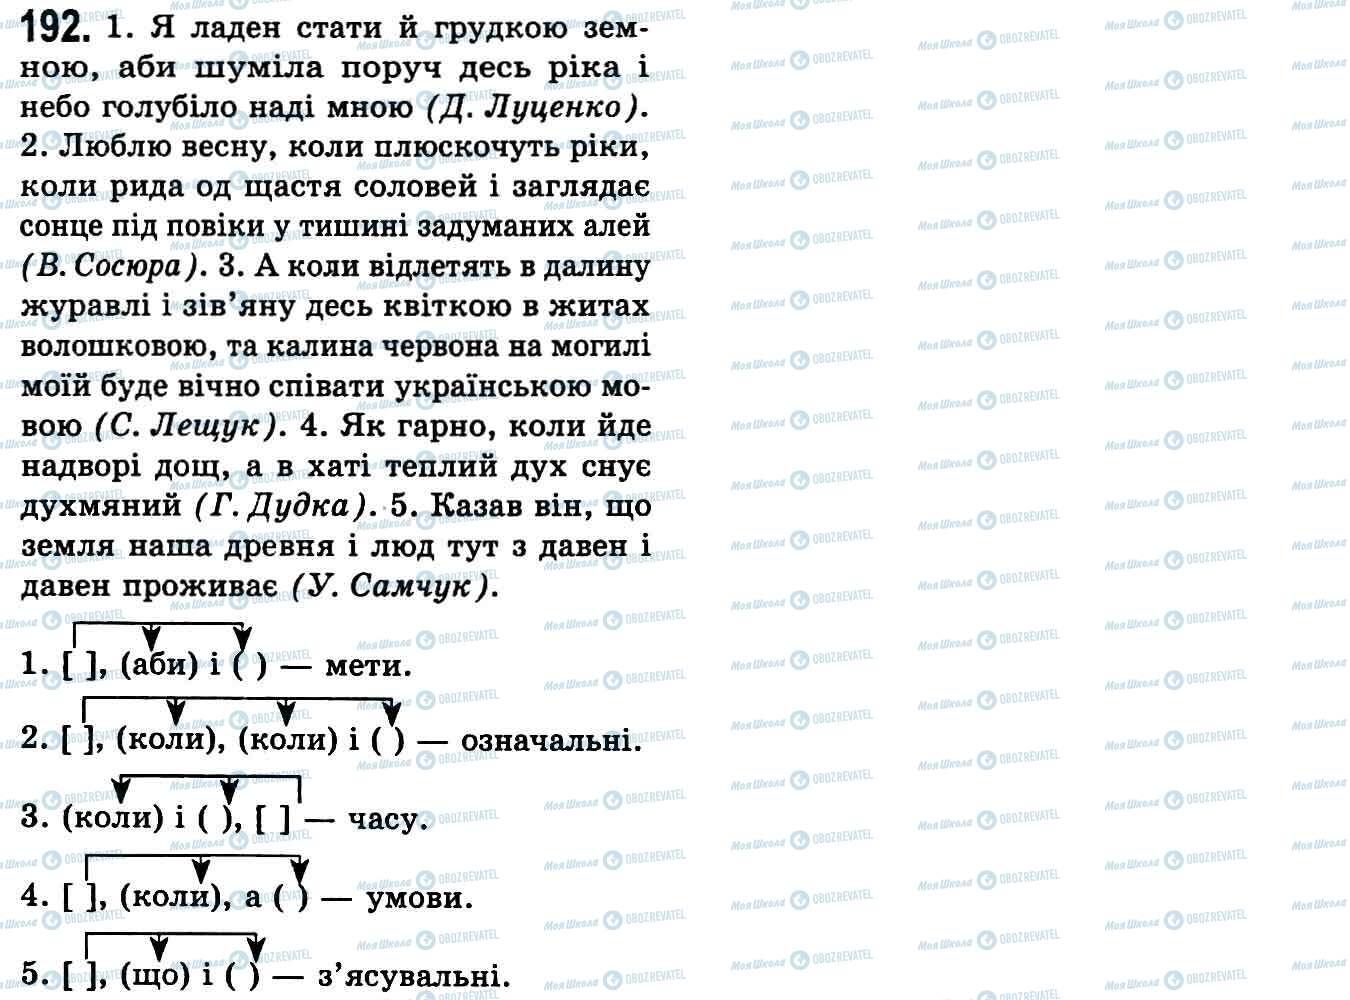 ГДЗ Українська мова 9 клас сторінка 192